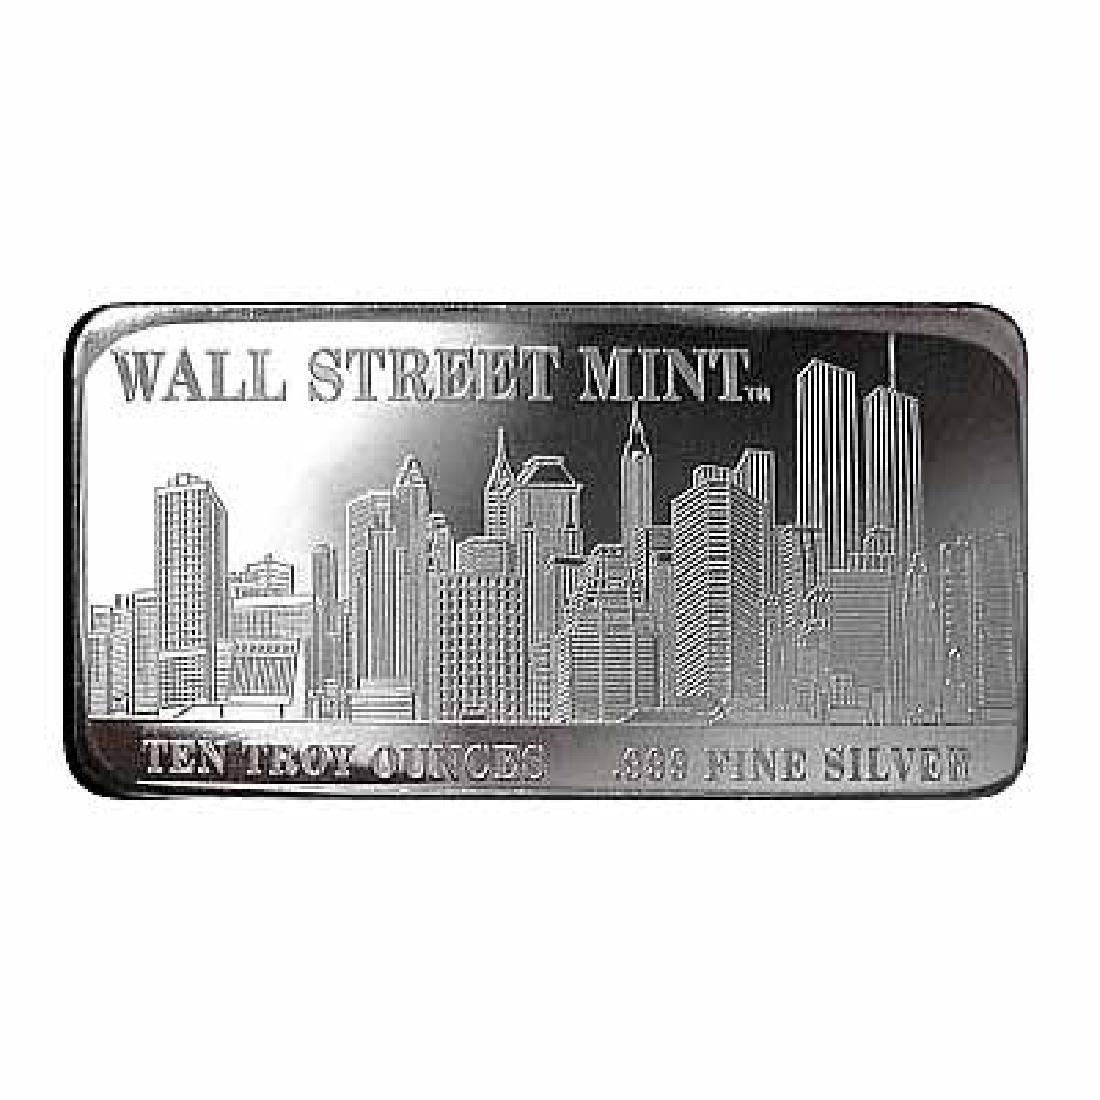 Wall Street Mint Silver Bar 10 oz